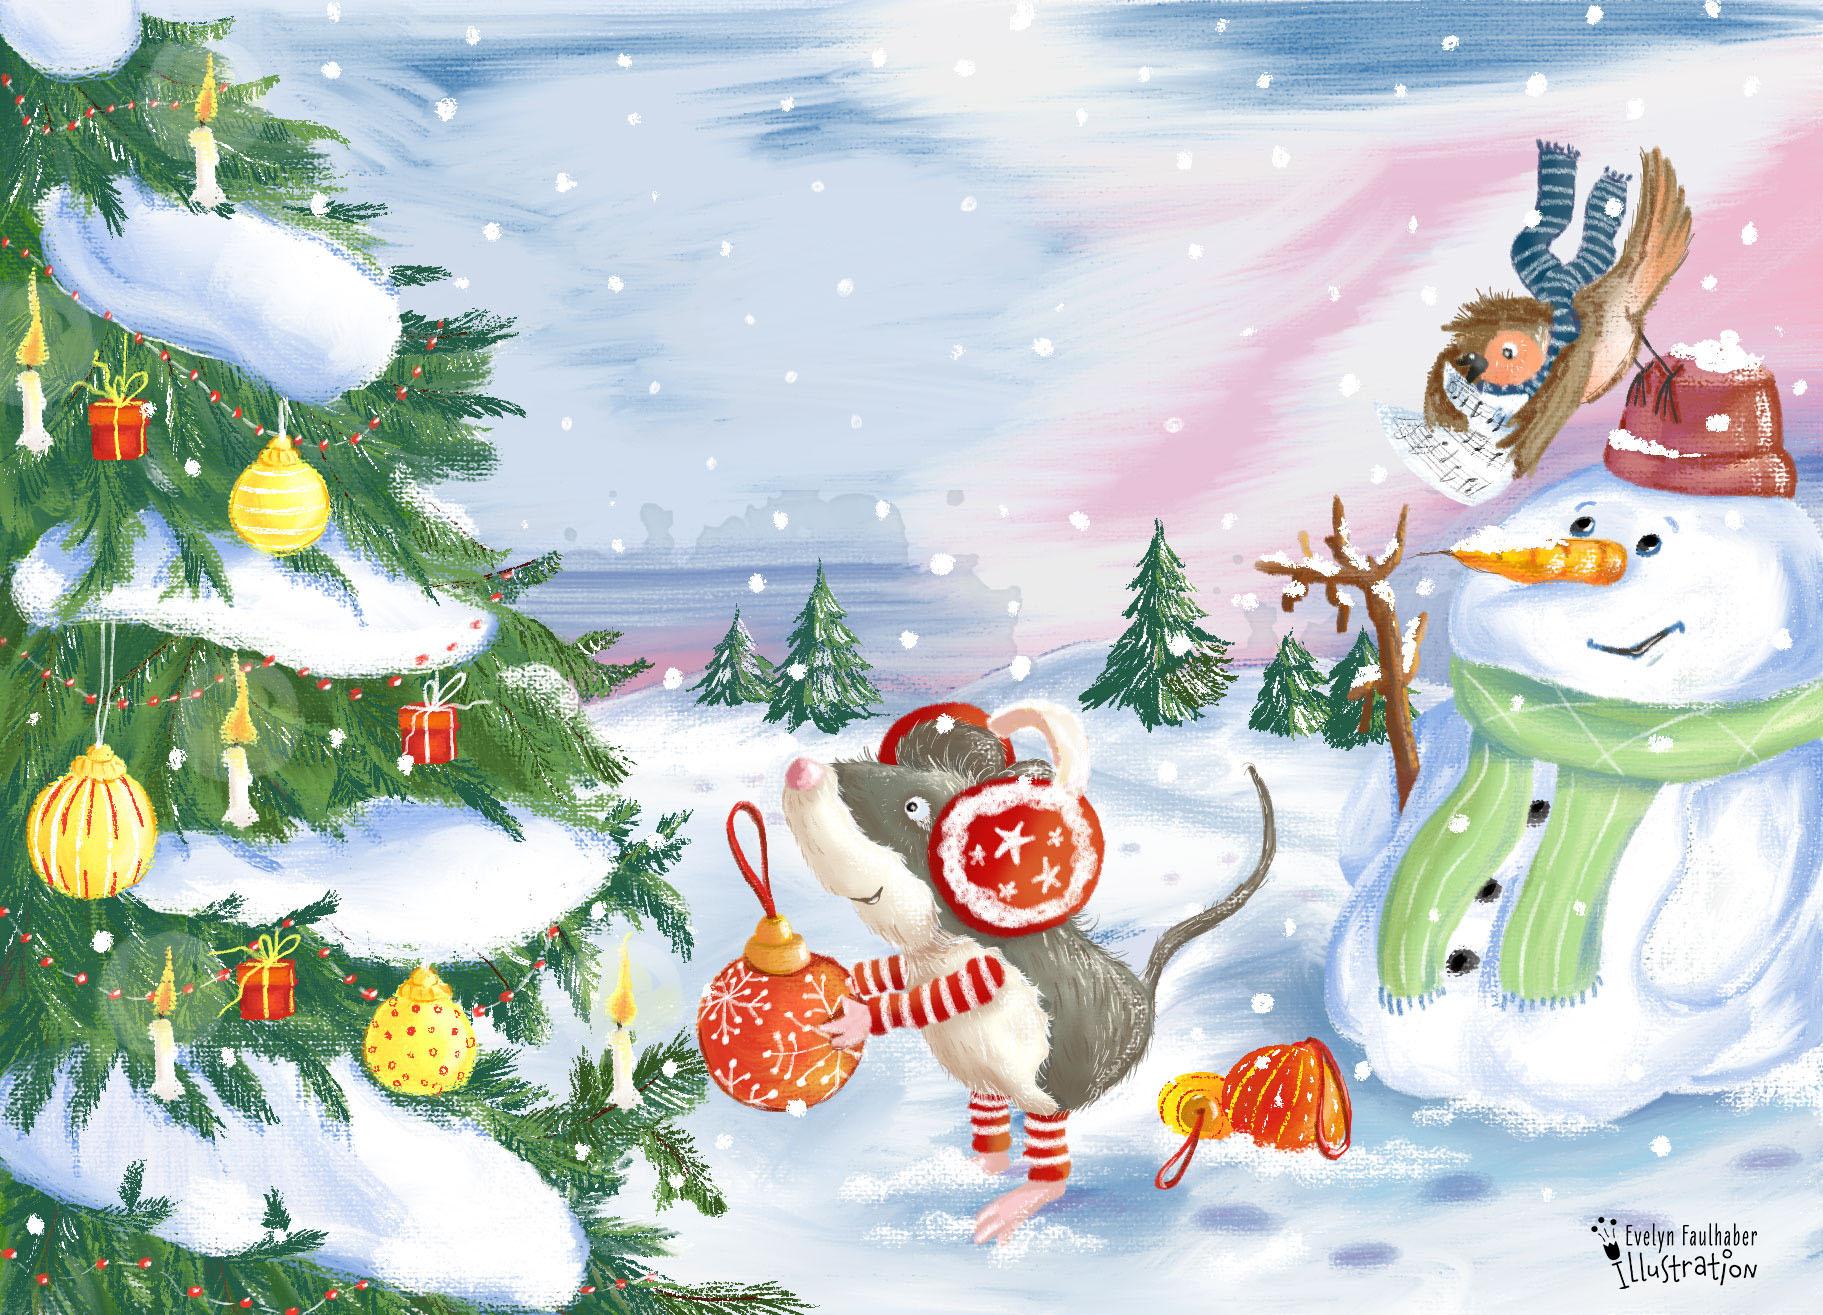 tiere, wald, weihnachten, illustration, kinderbuch, kinderbuchillustration, winter,maus